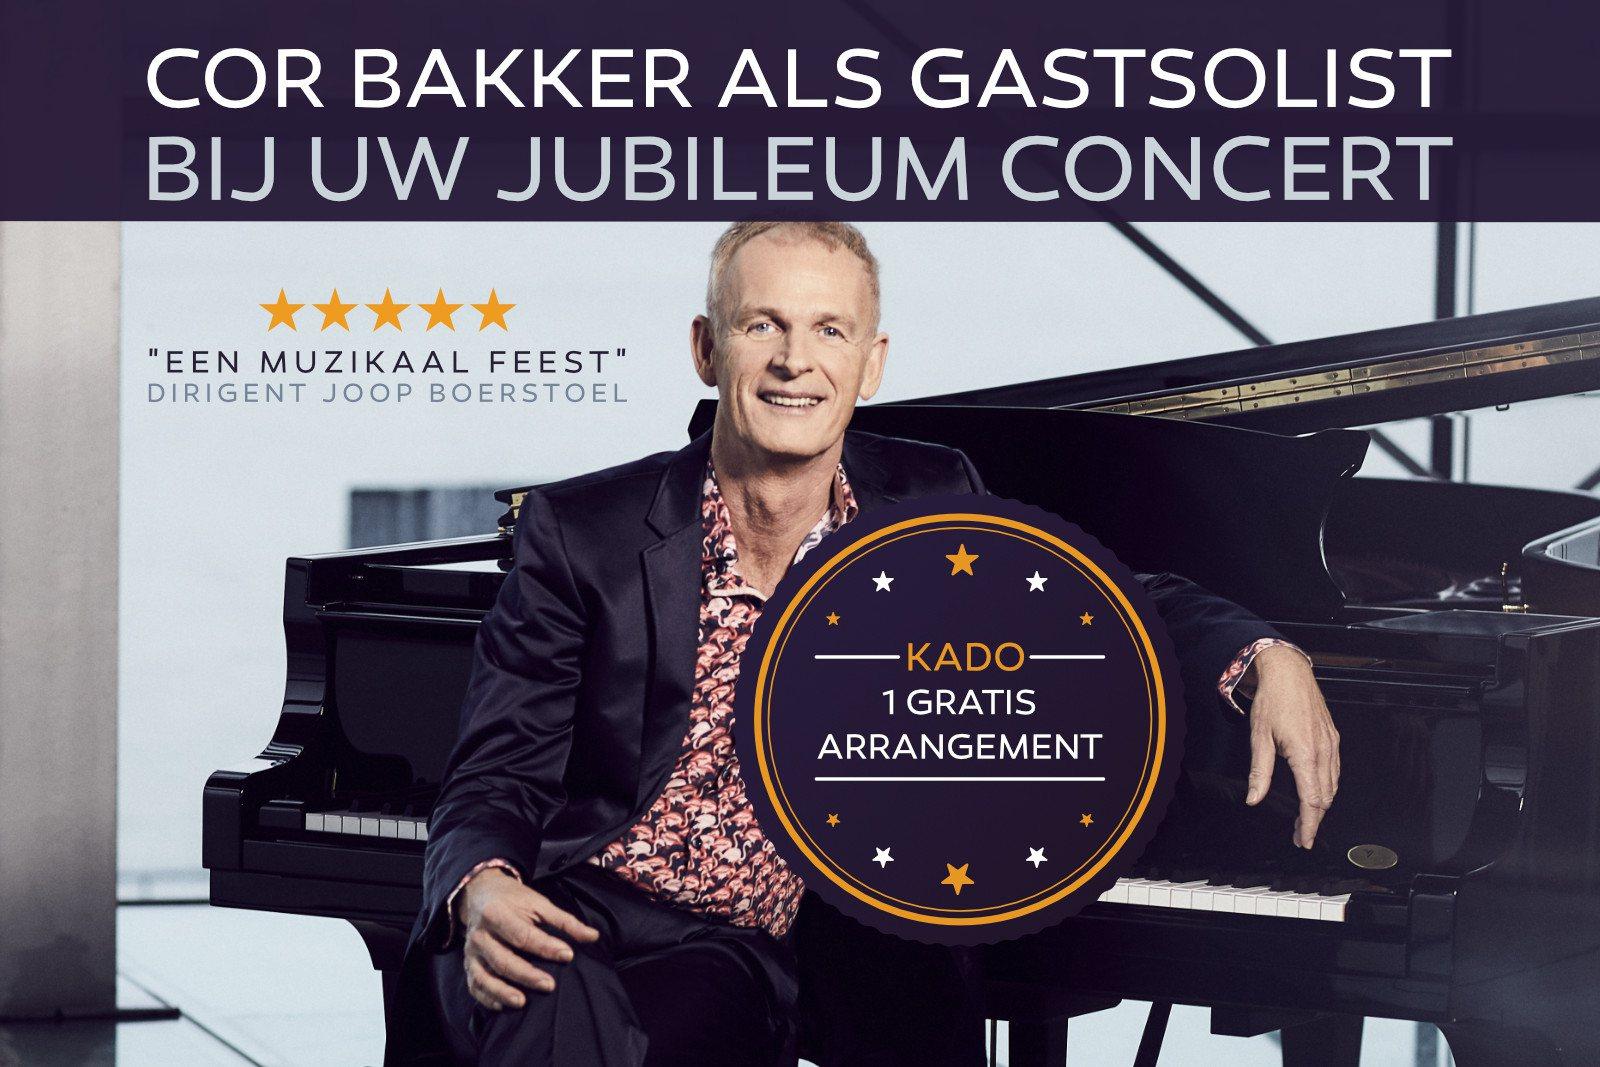 Cor Bakker als gastsolist bij uw jubileum concert - harmonie orkest, fanfare